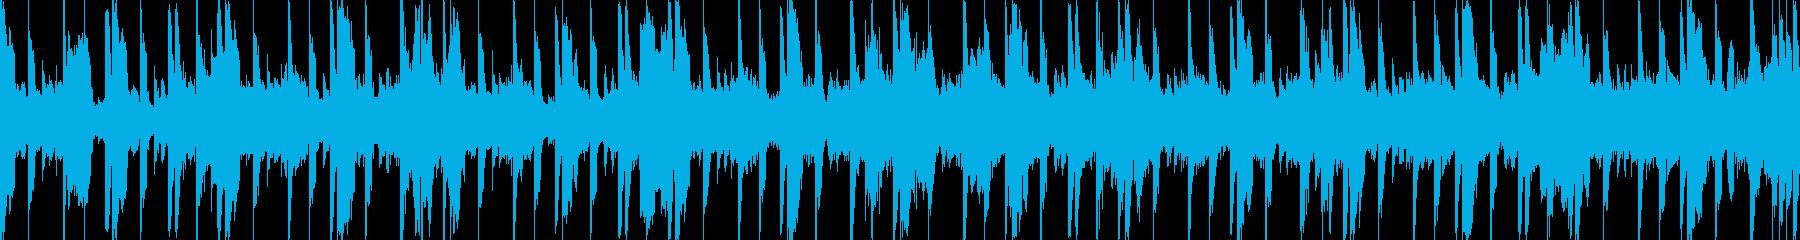 待機画面のようなイメージ楽曲の再生済みの波形